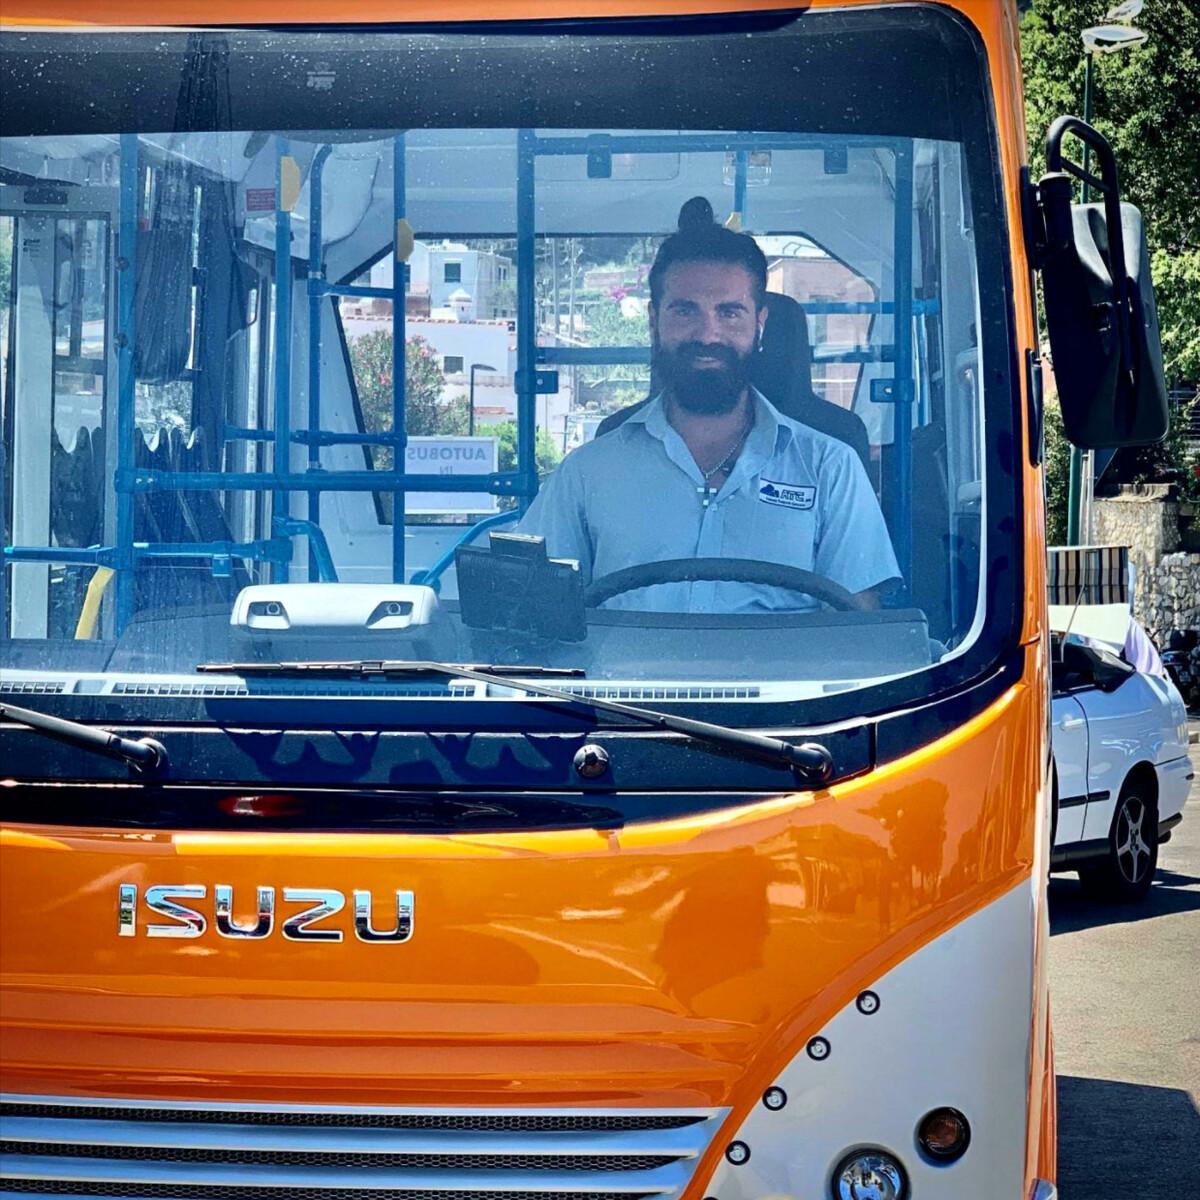 Una raccolta fondi per la famiglia di Emanuele Melillo, l'autista del bus precipitato a Capri